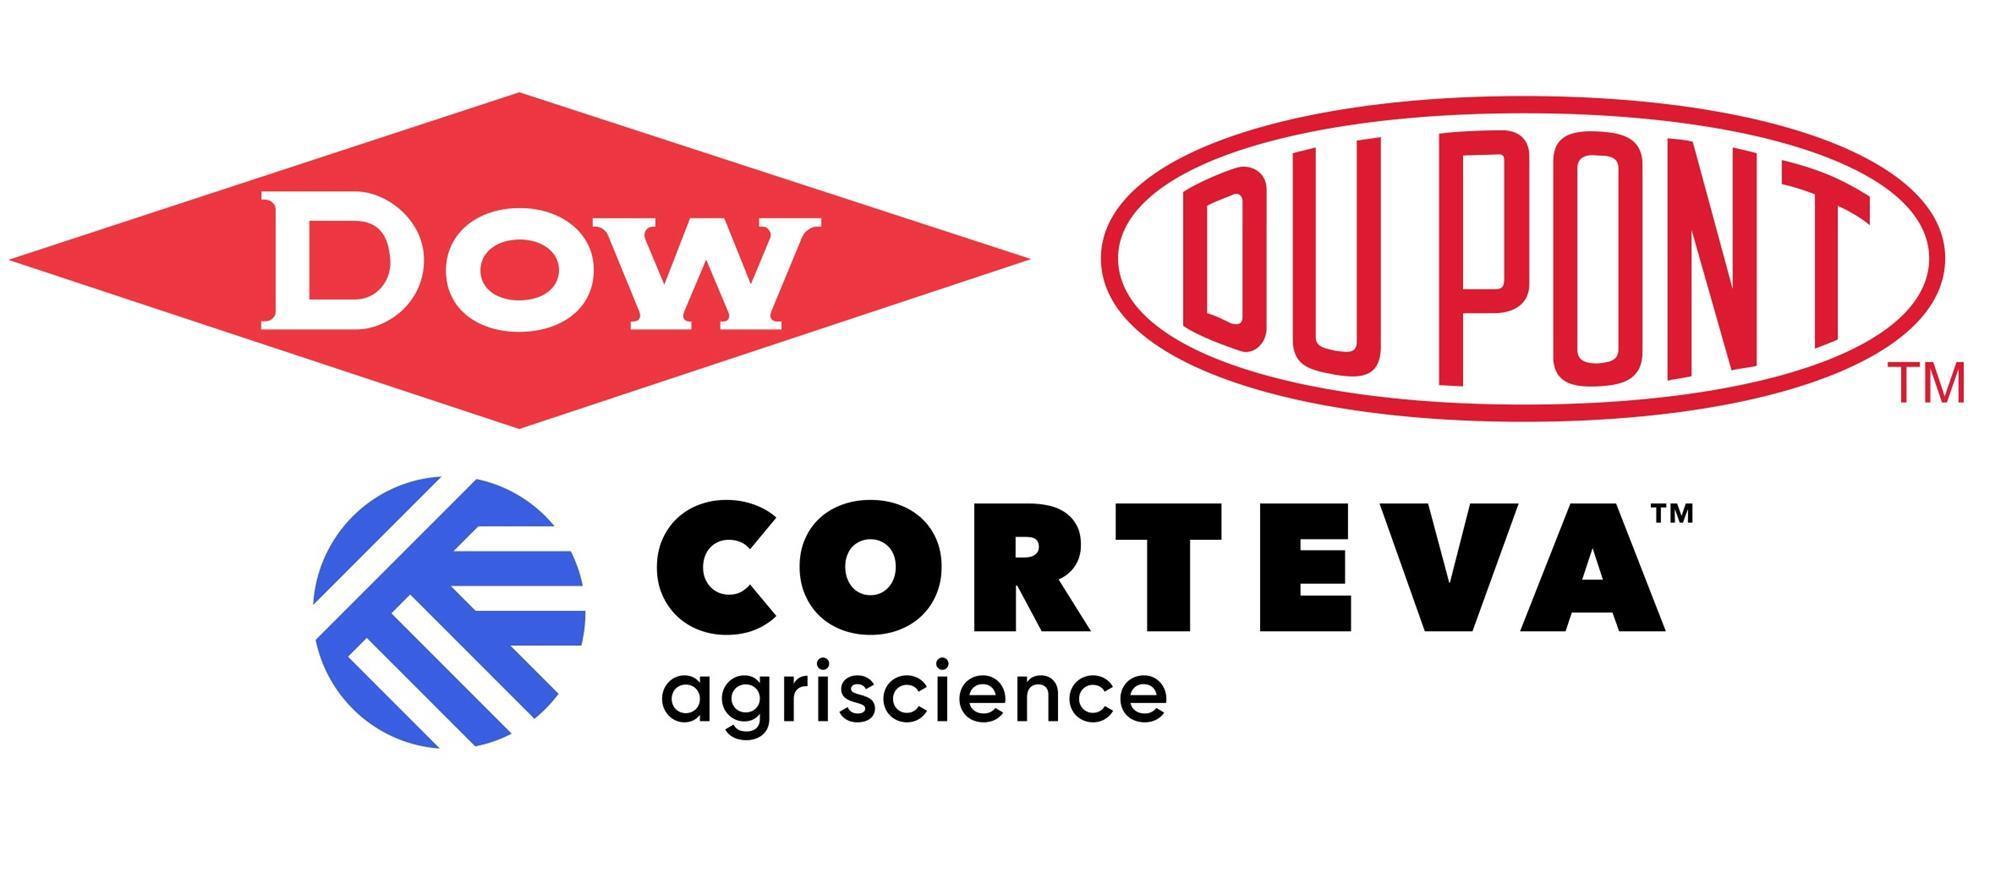 Dow-DuPont-Corteva